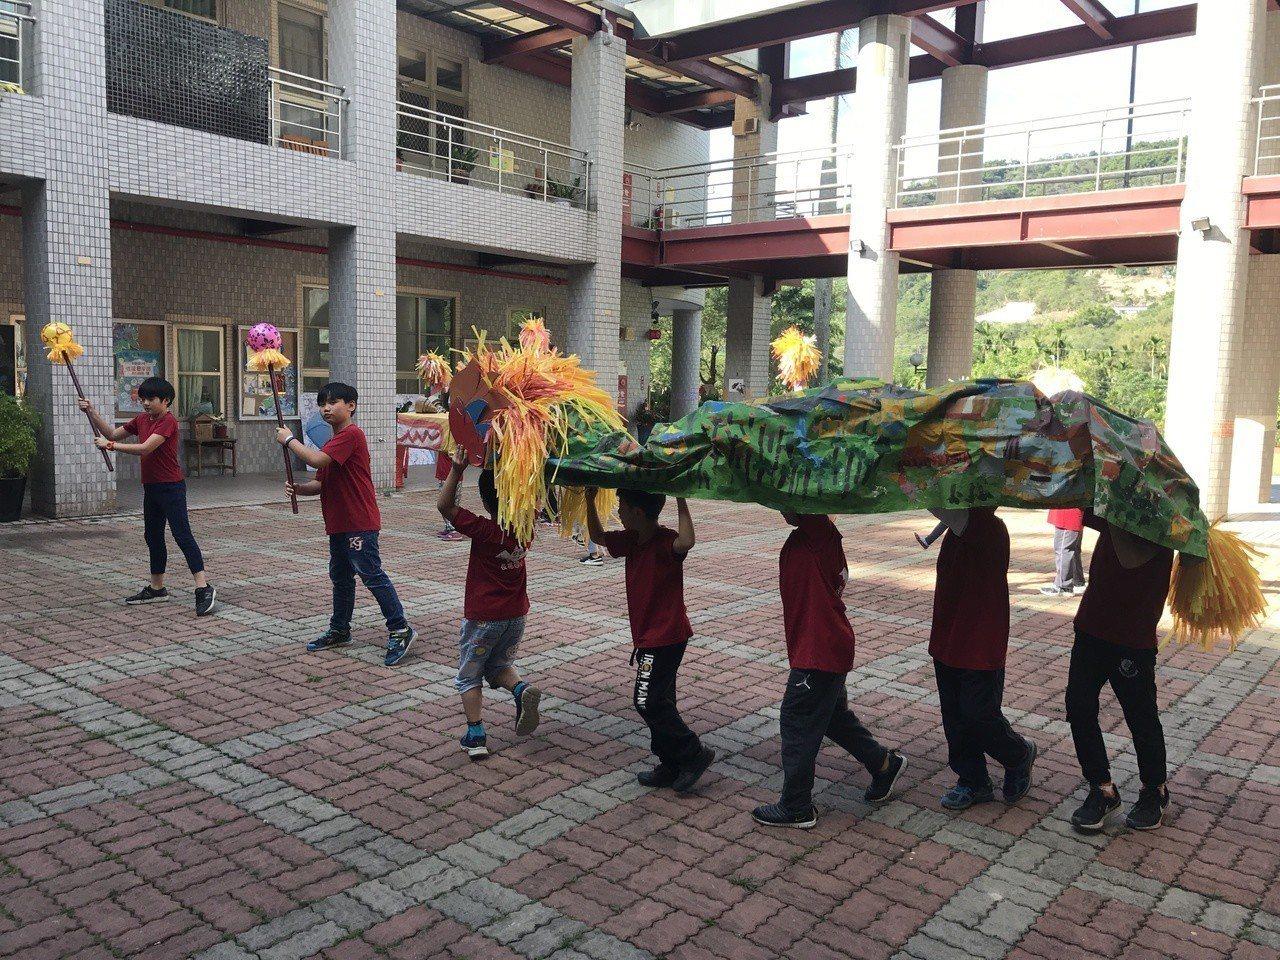 為讓俄羅斯大學生翁蔡文更瞭解國姓鄉,學生演出「火旁龍」舞蹈展現客家傳統文化。圖/...